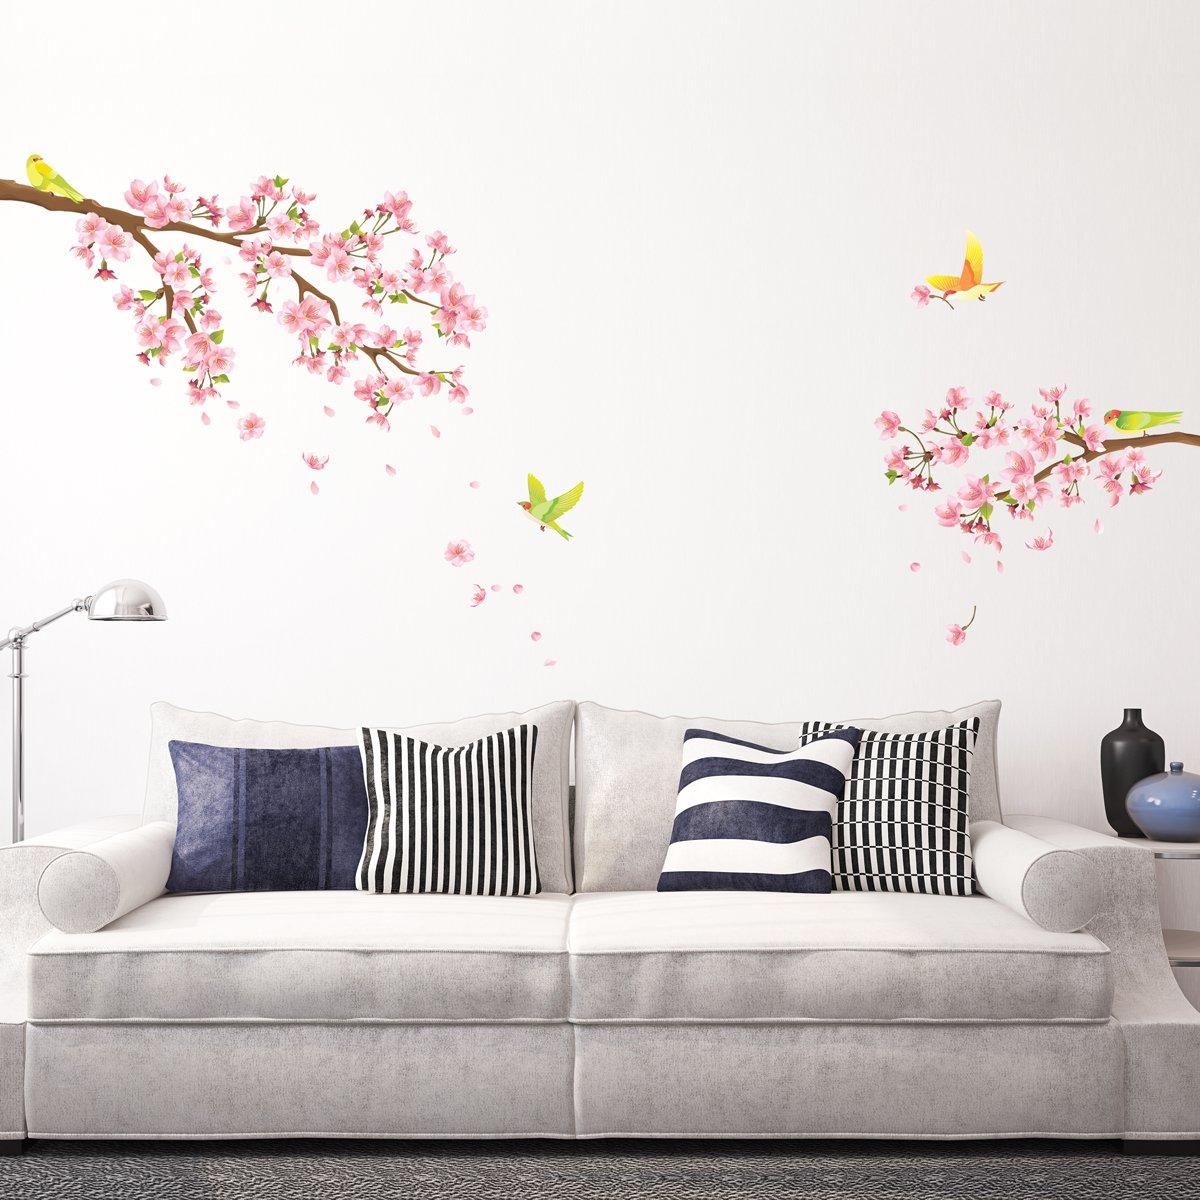 Decowall dw 1303 fiori di ciliegio e uccelli adesivi da parete ...